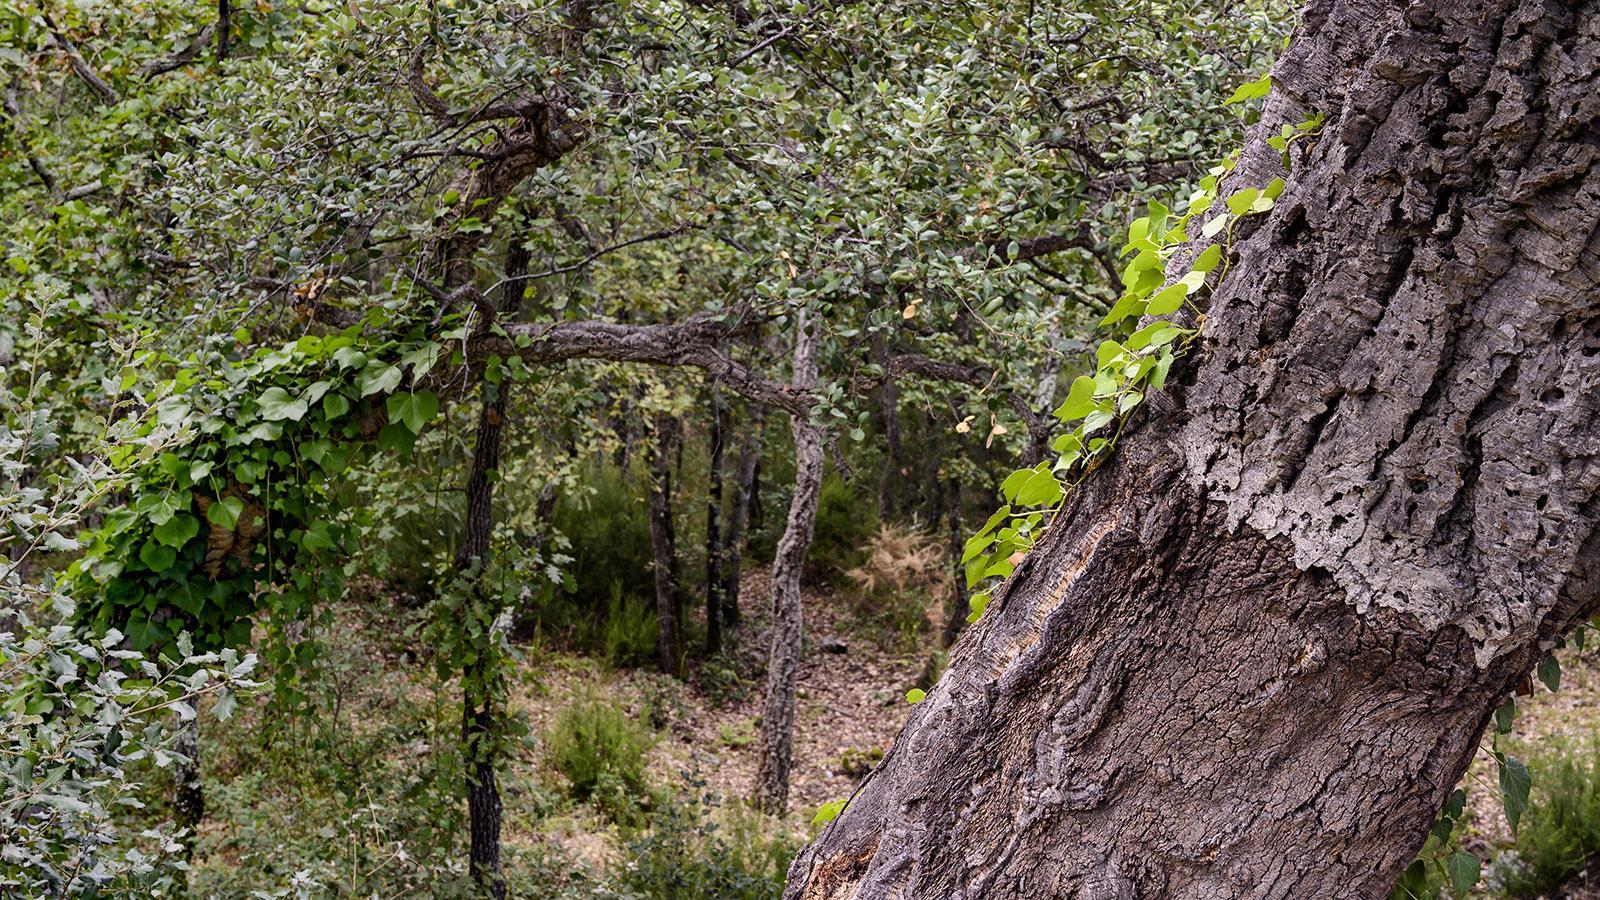 Vorsichtig wird der Kork vom Stamm geschält, ohne den Baum zu beschädigen. Foto: Hilke Maunder